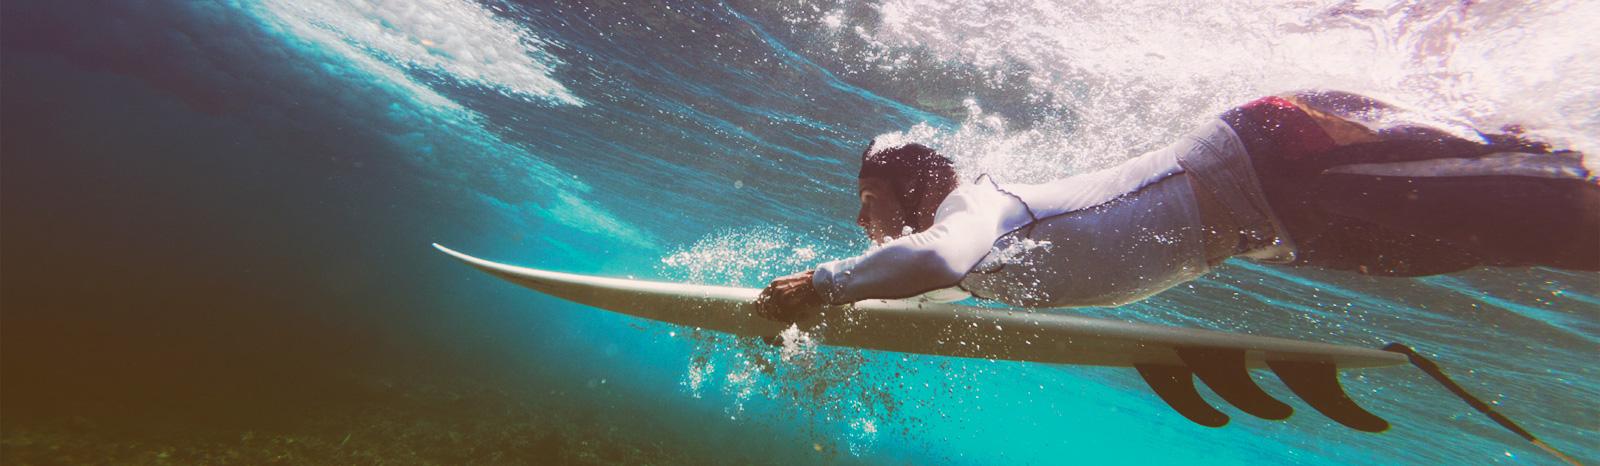 surf_header